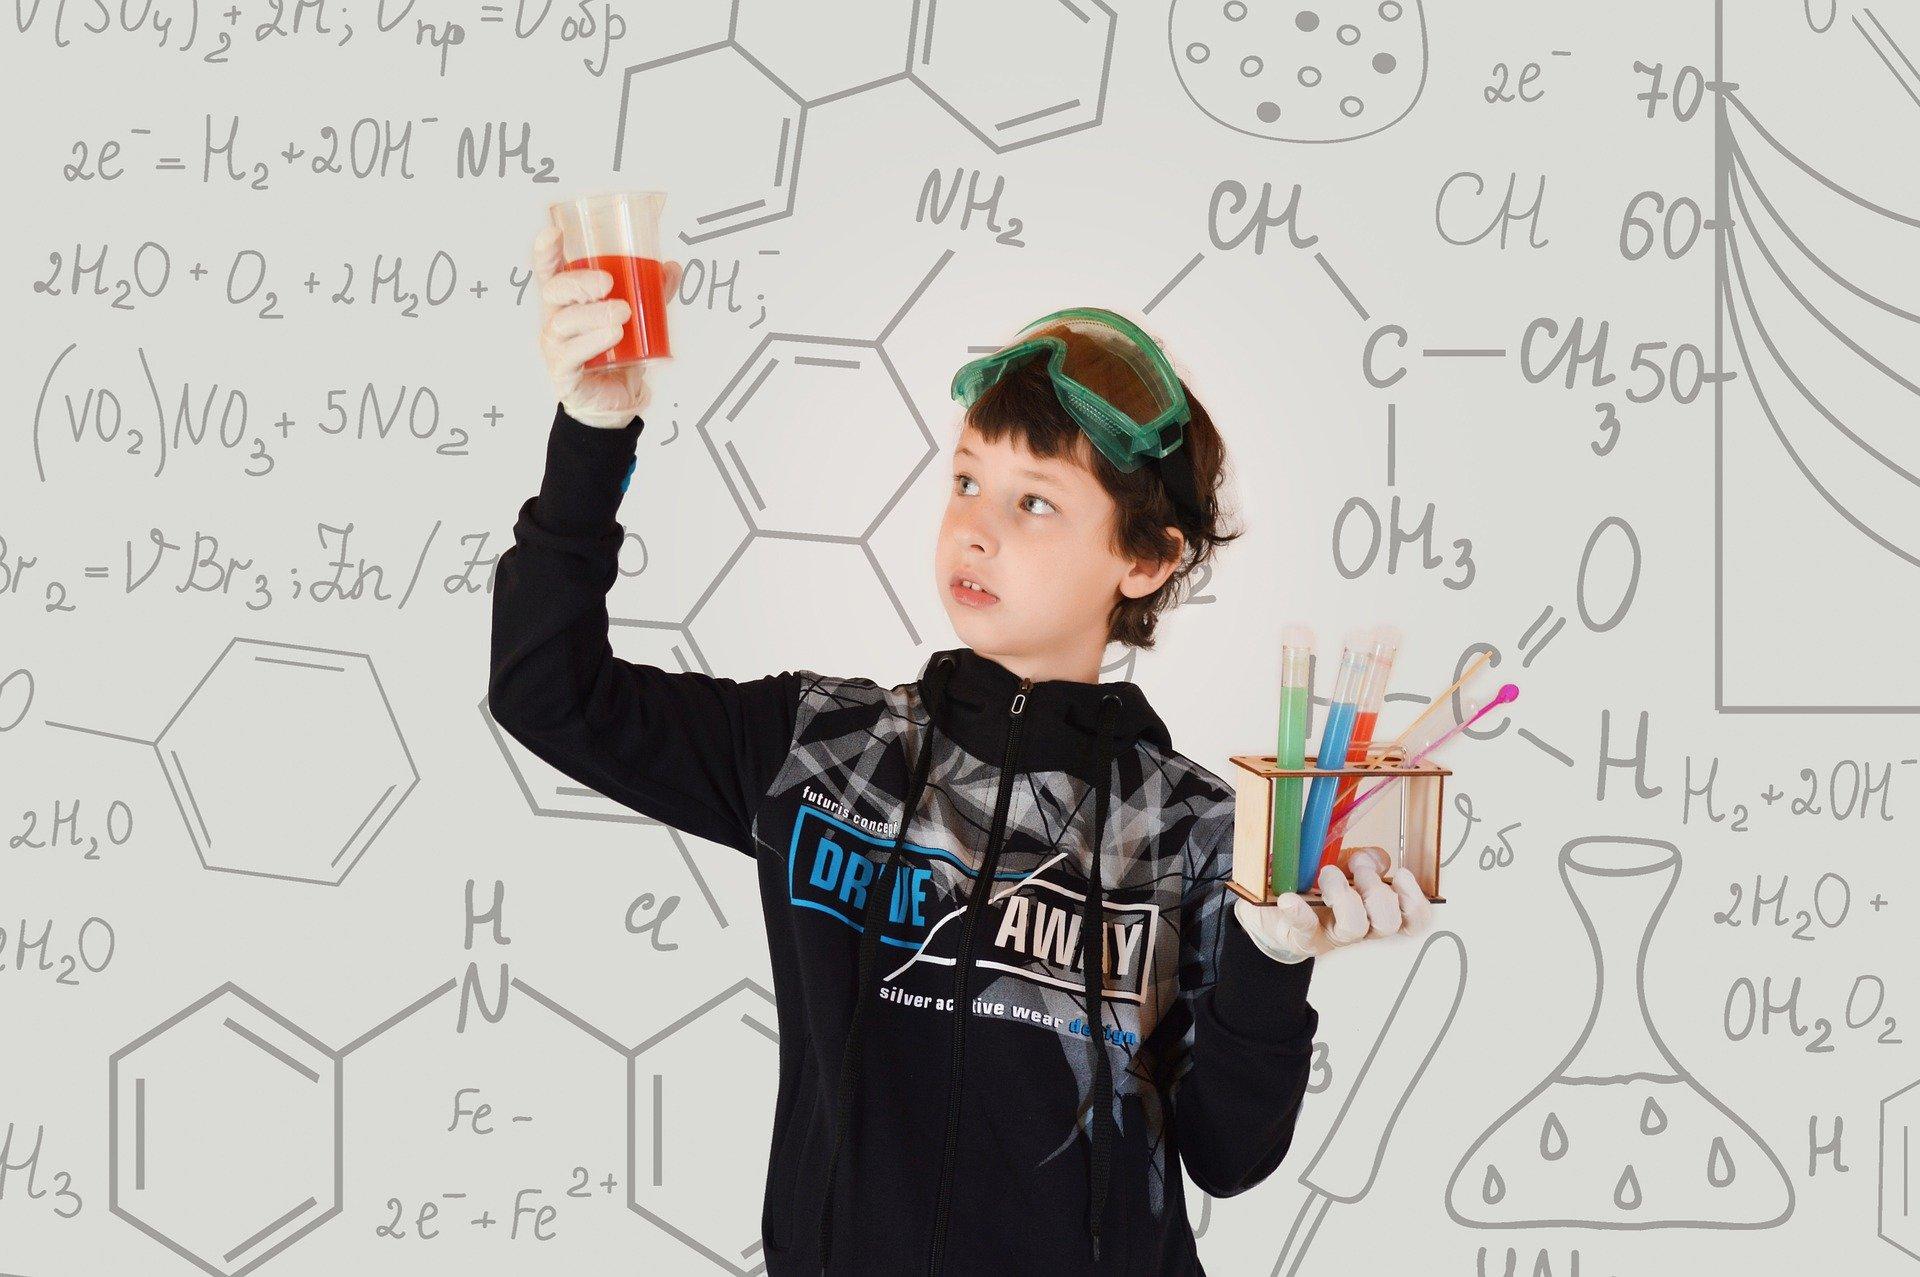 Конкурс детских исследовательских проектов Крылья науки-2021 проходит в Ижевске